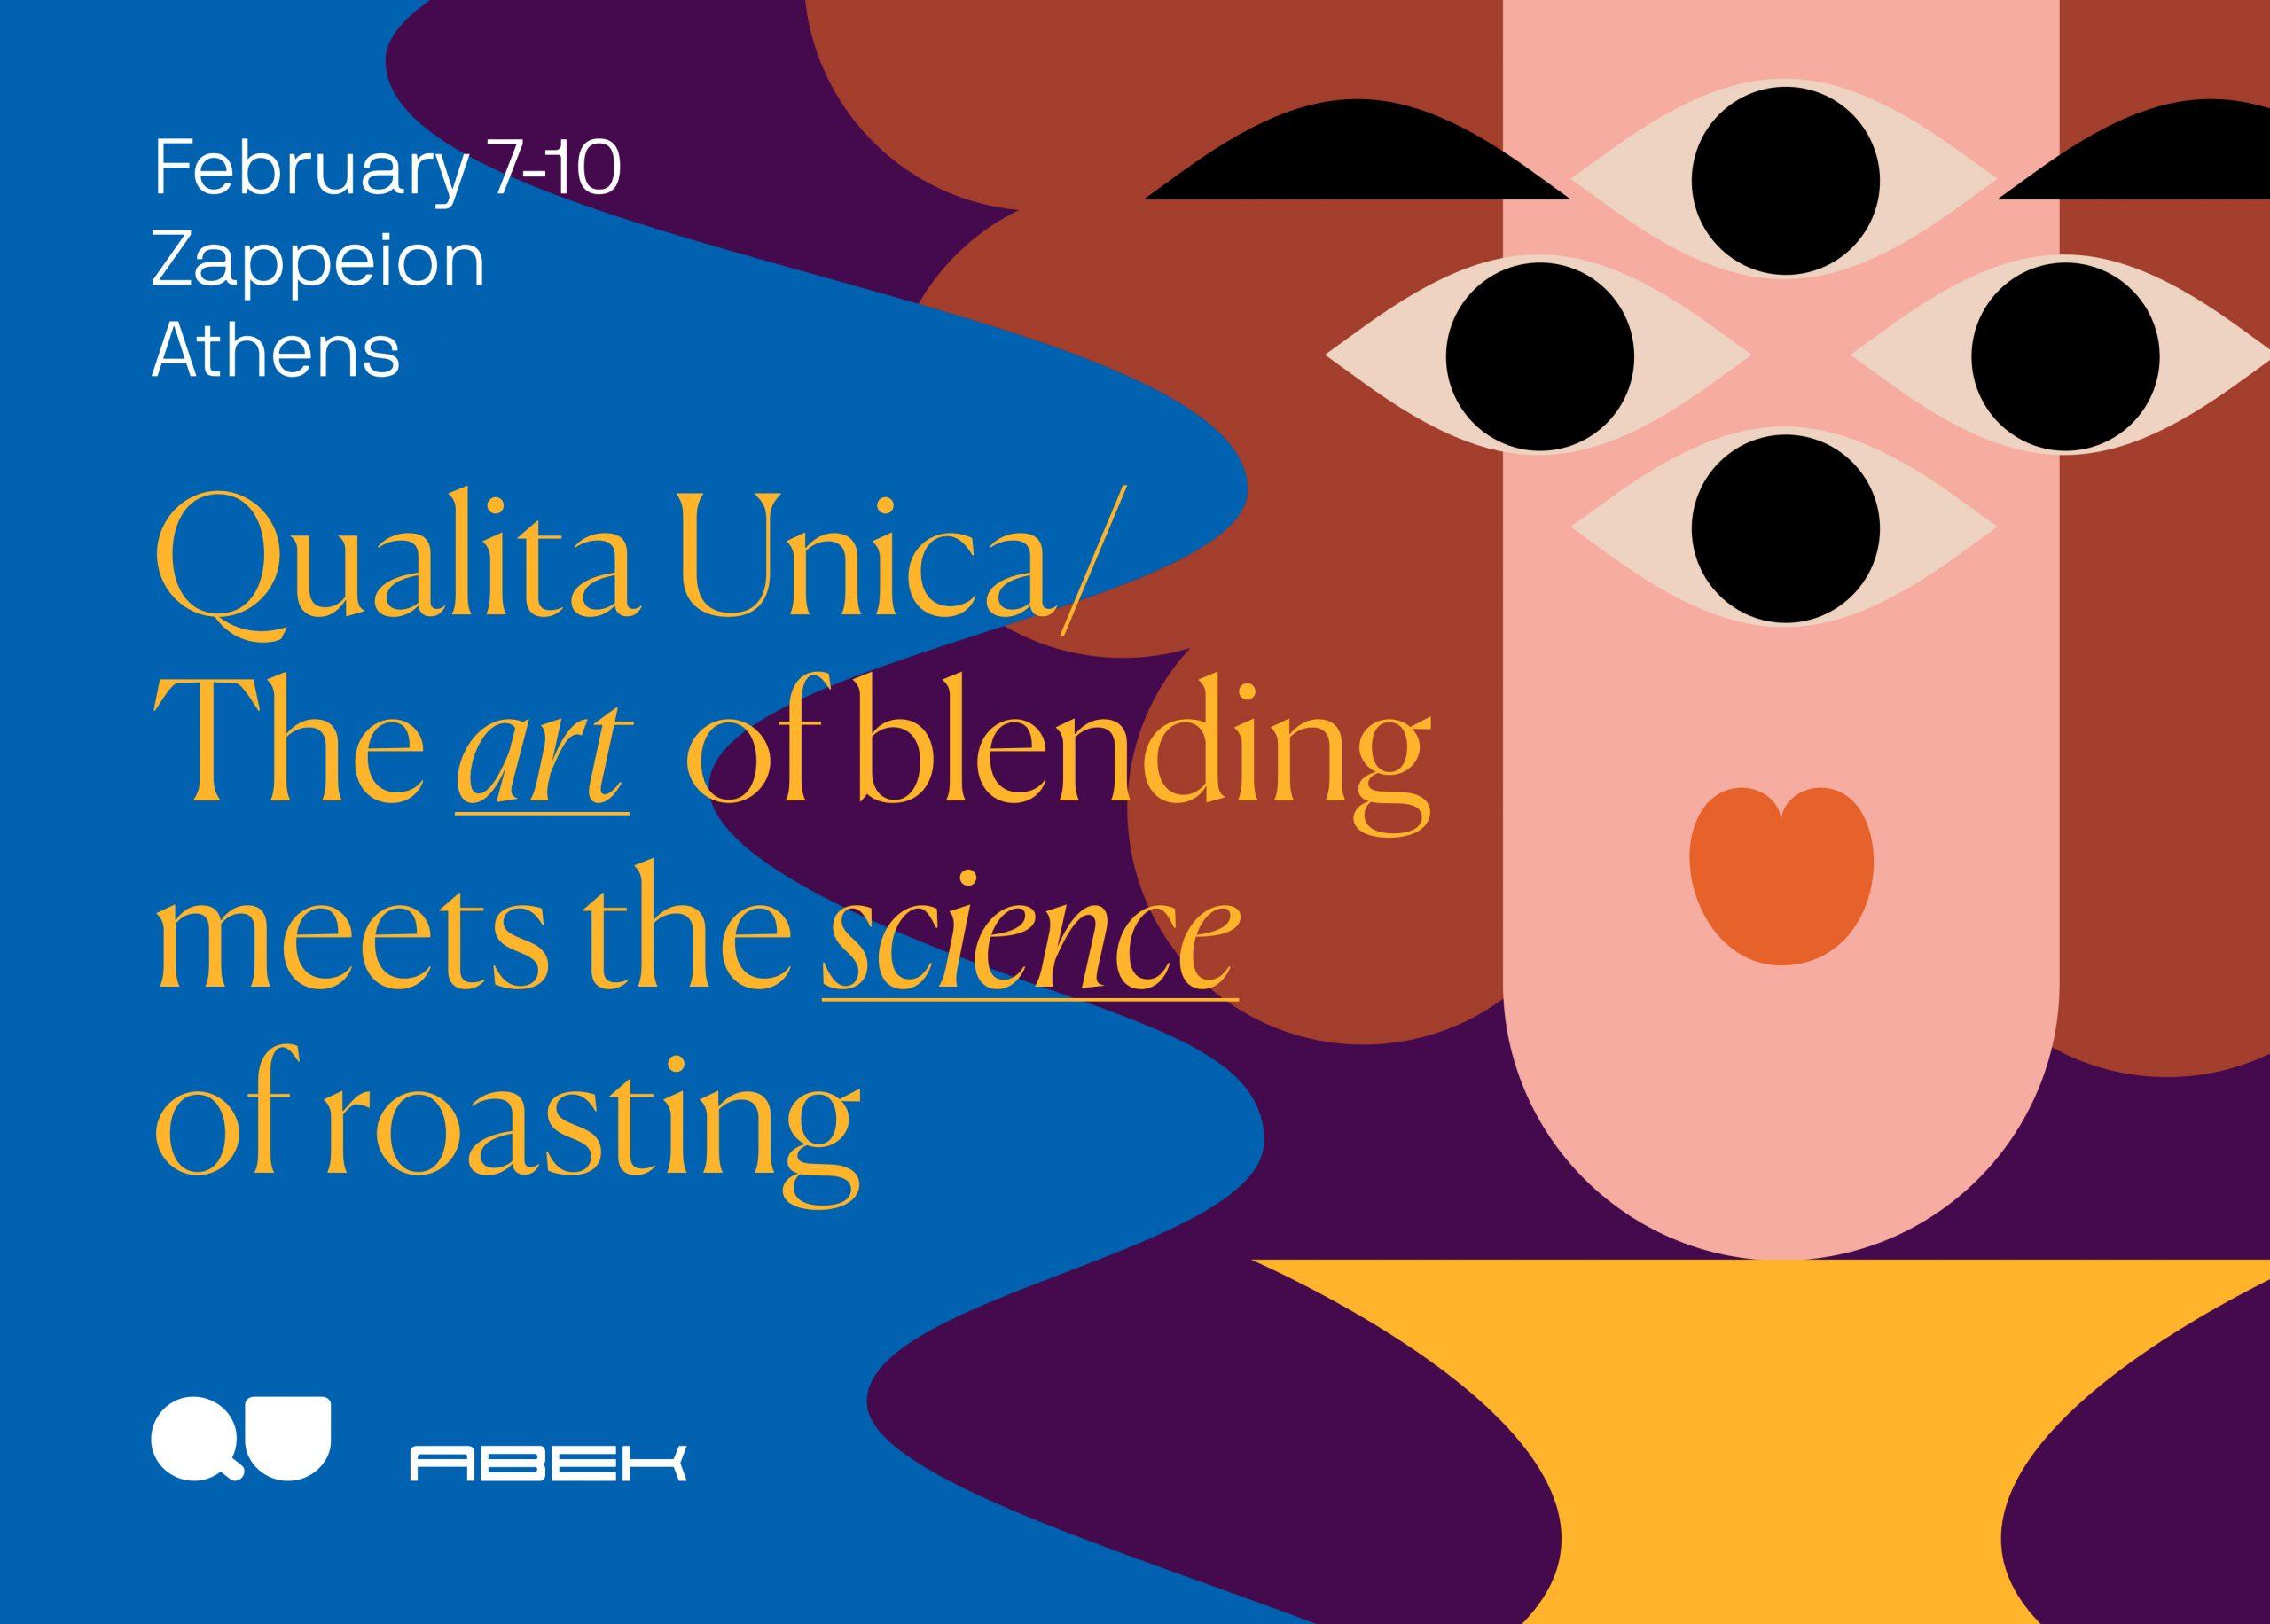 Η Qualita Unica διοργανώνει έκθεση στο Ζάππειο Μέγαρο